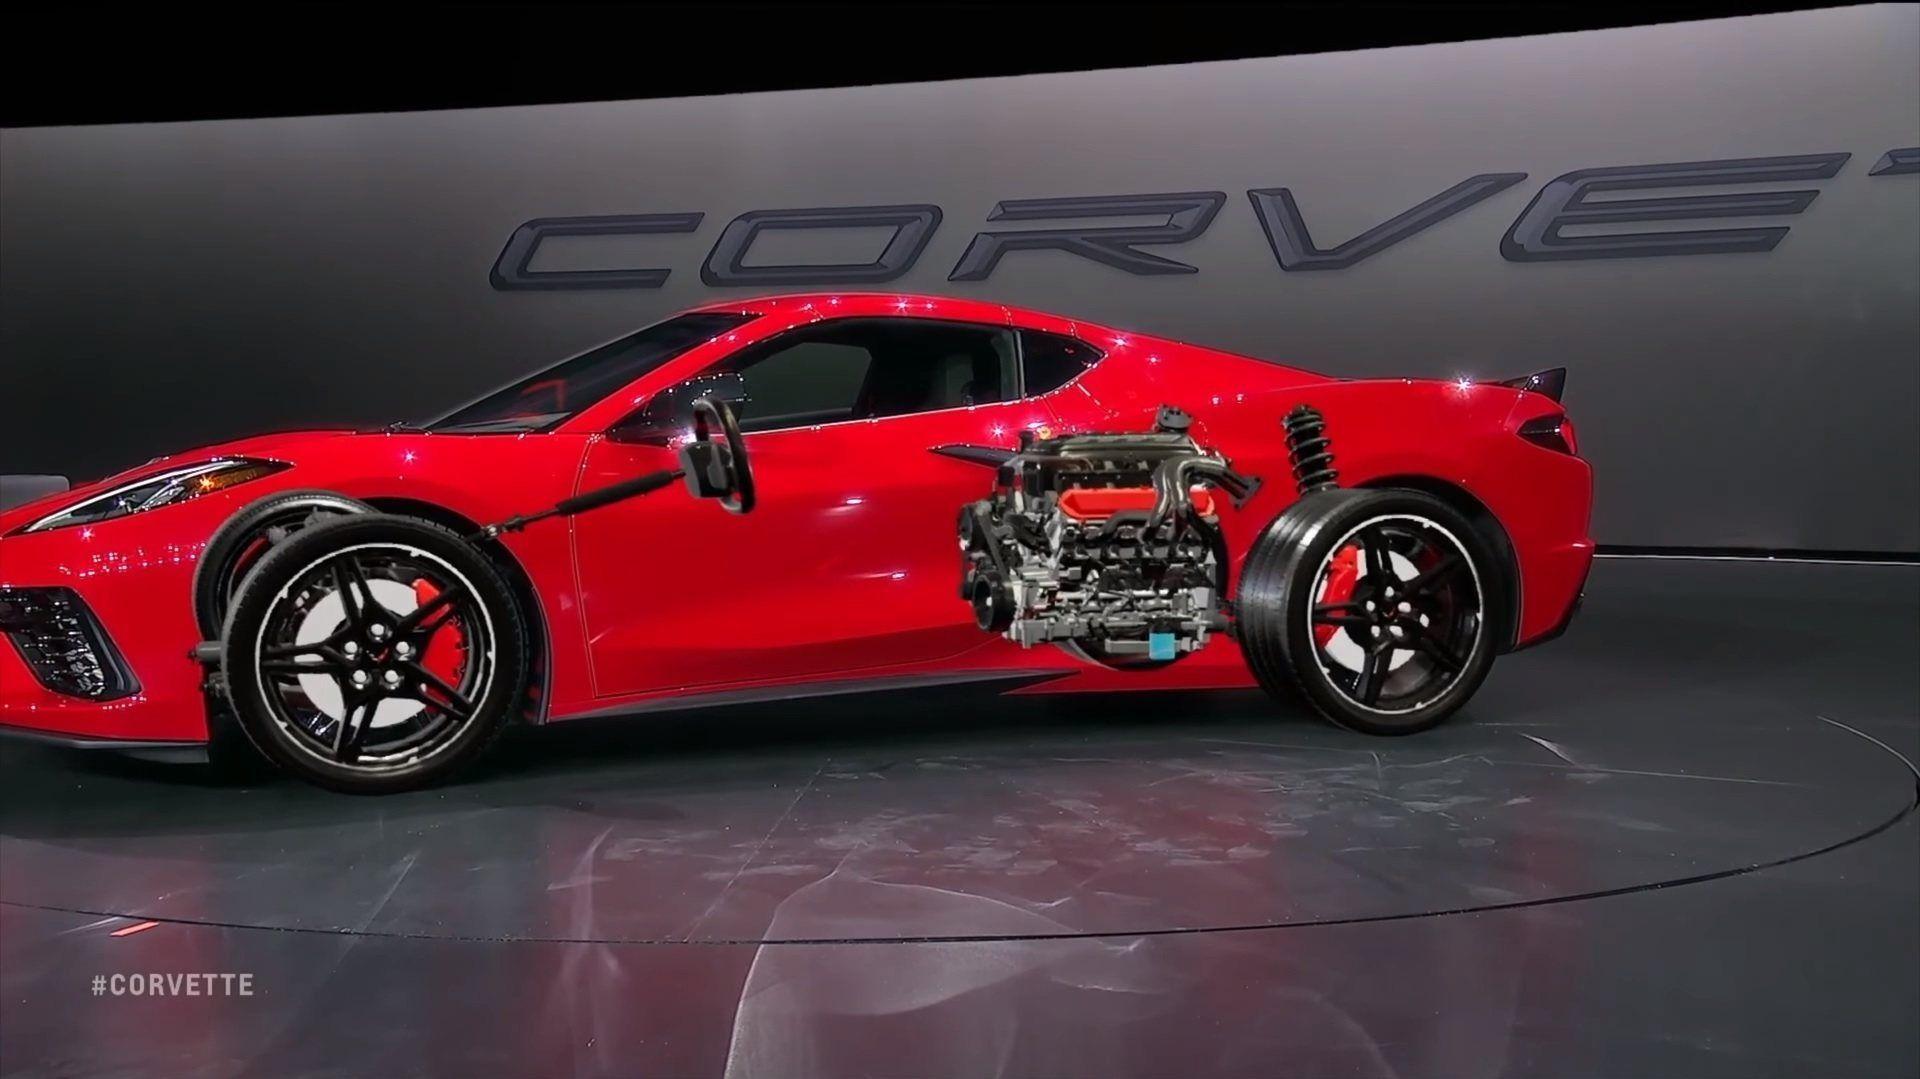 2020 Chevy Monte Carlo Picture In 2020 Chevrolet Corvette Chevrolet Trailblazer Chevy Camaro